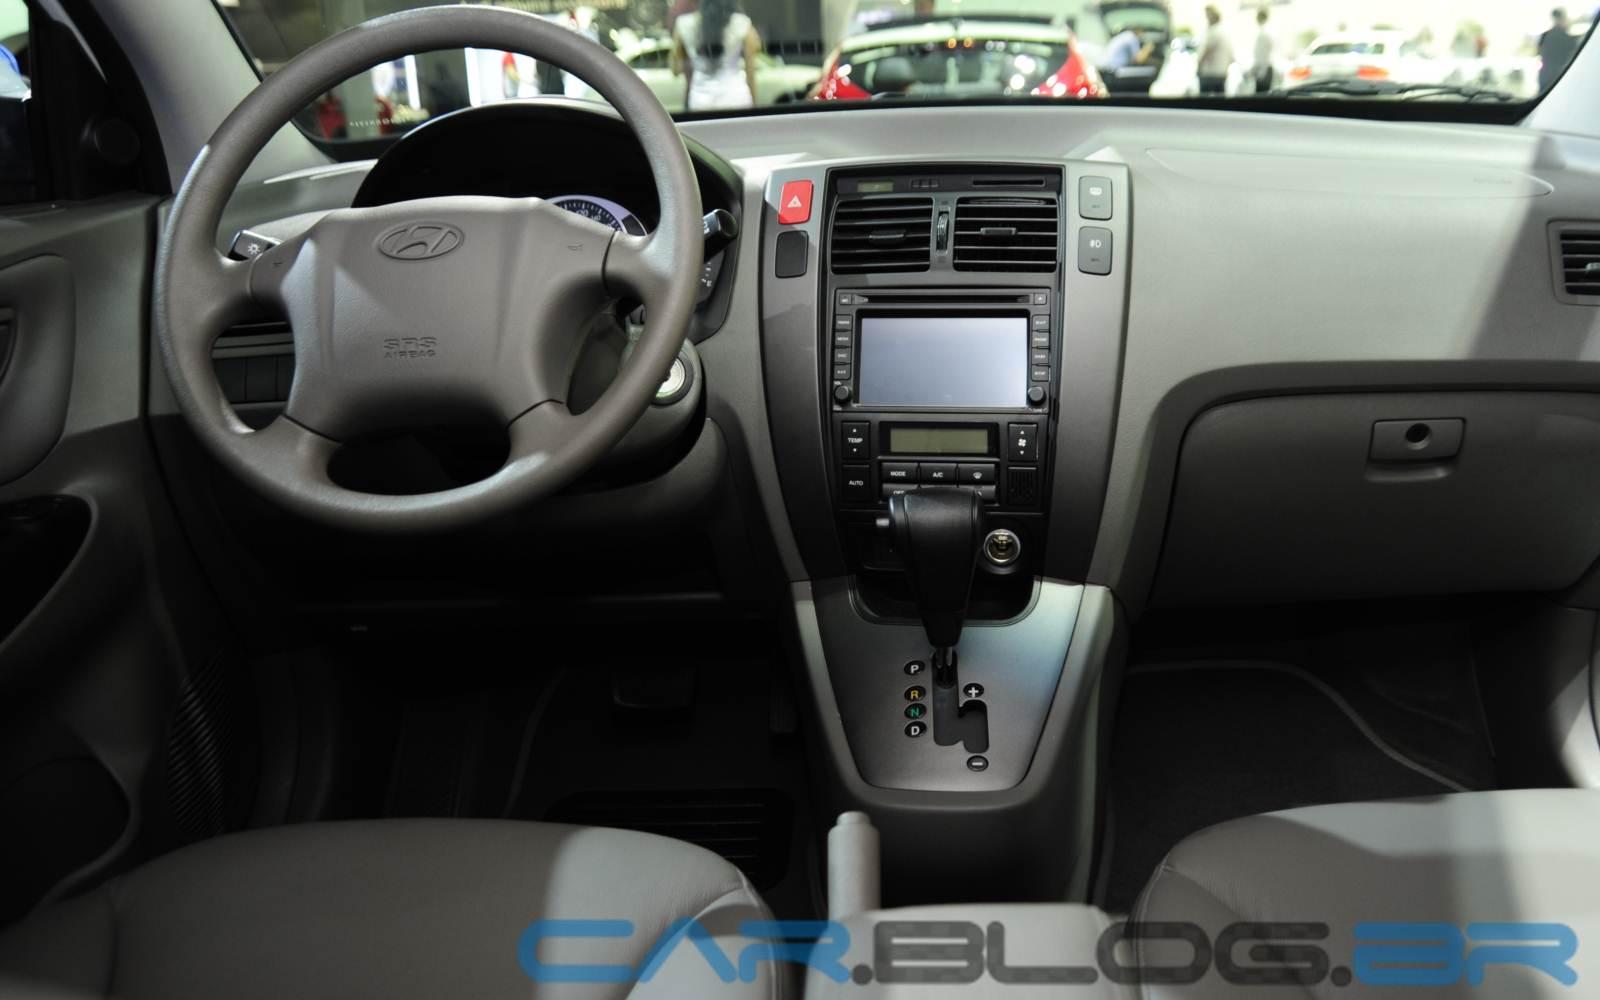 Chevrolet Captiva 2014 é oferecido apenas na versão 2.4 e por R$ 98